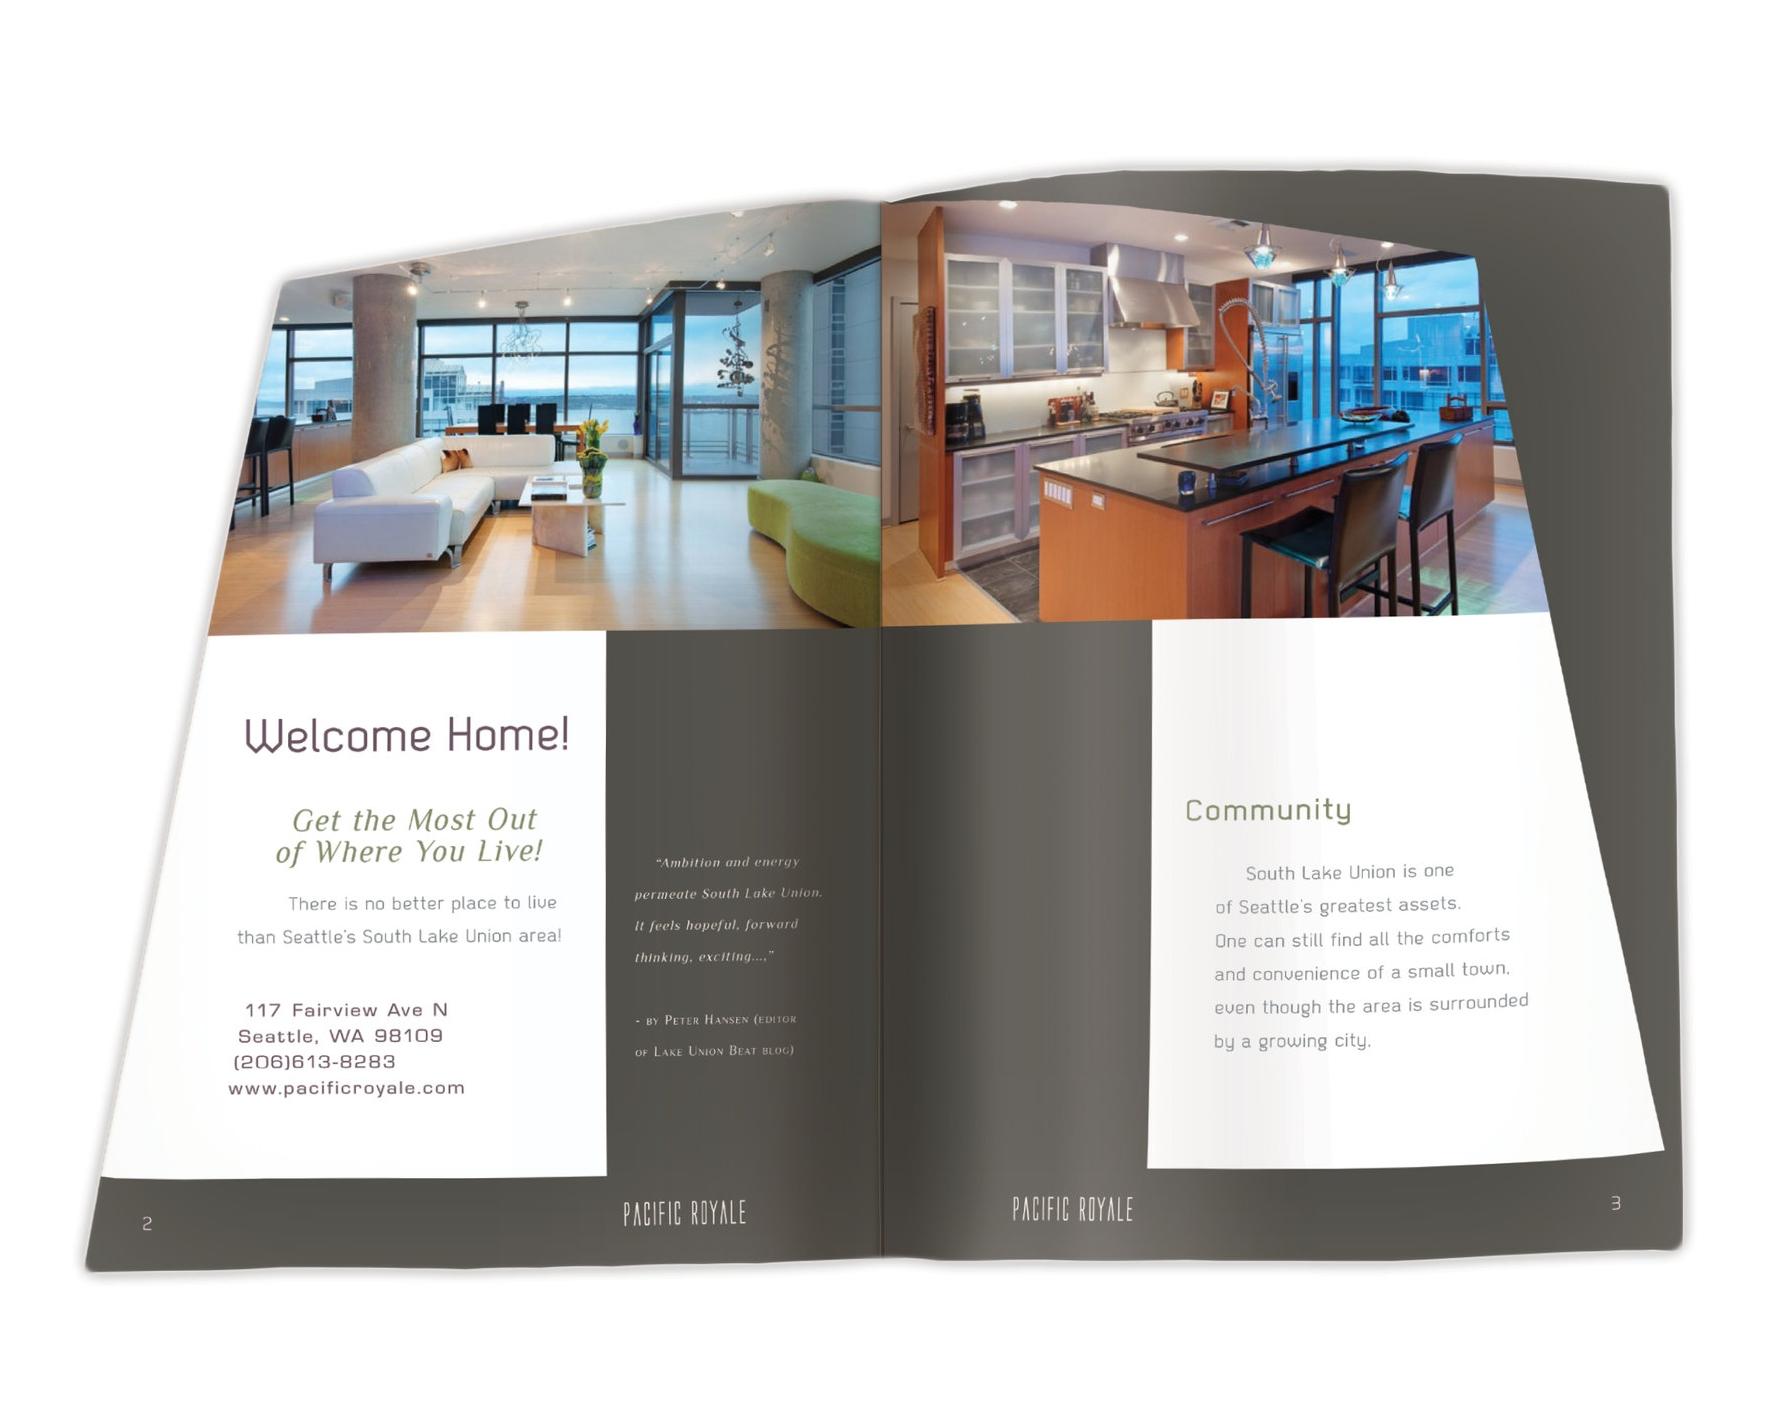 PacificRoyale_brochure_spread1.jpg